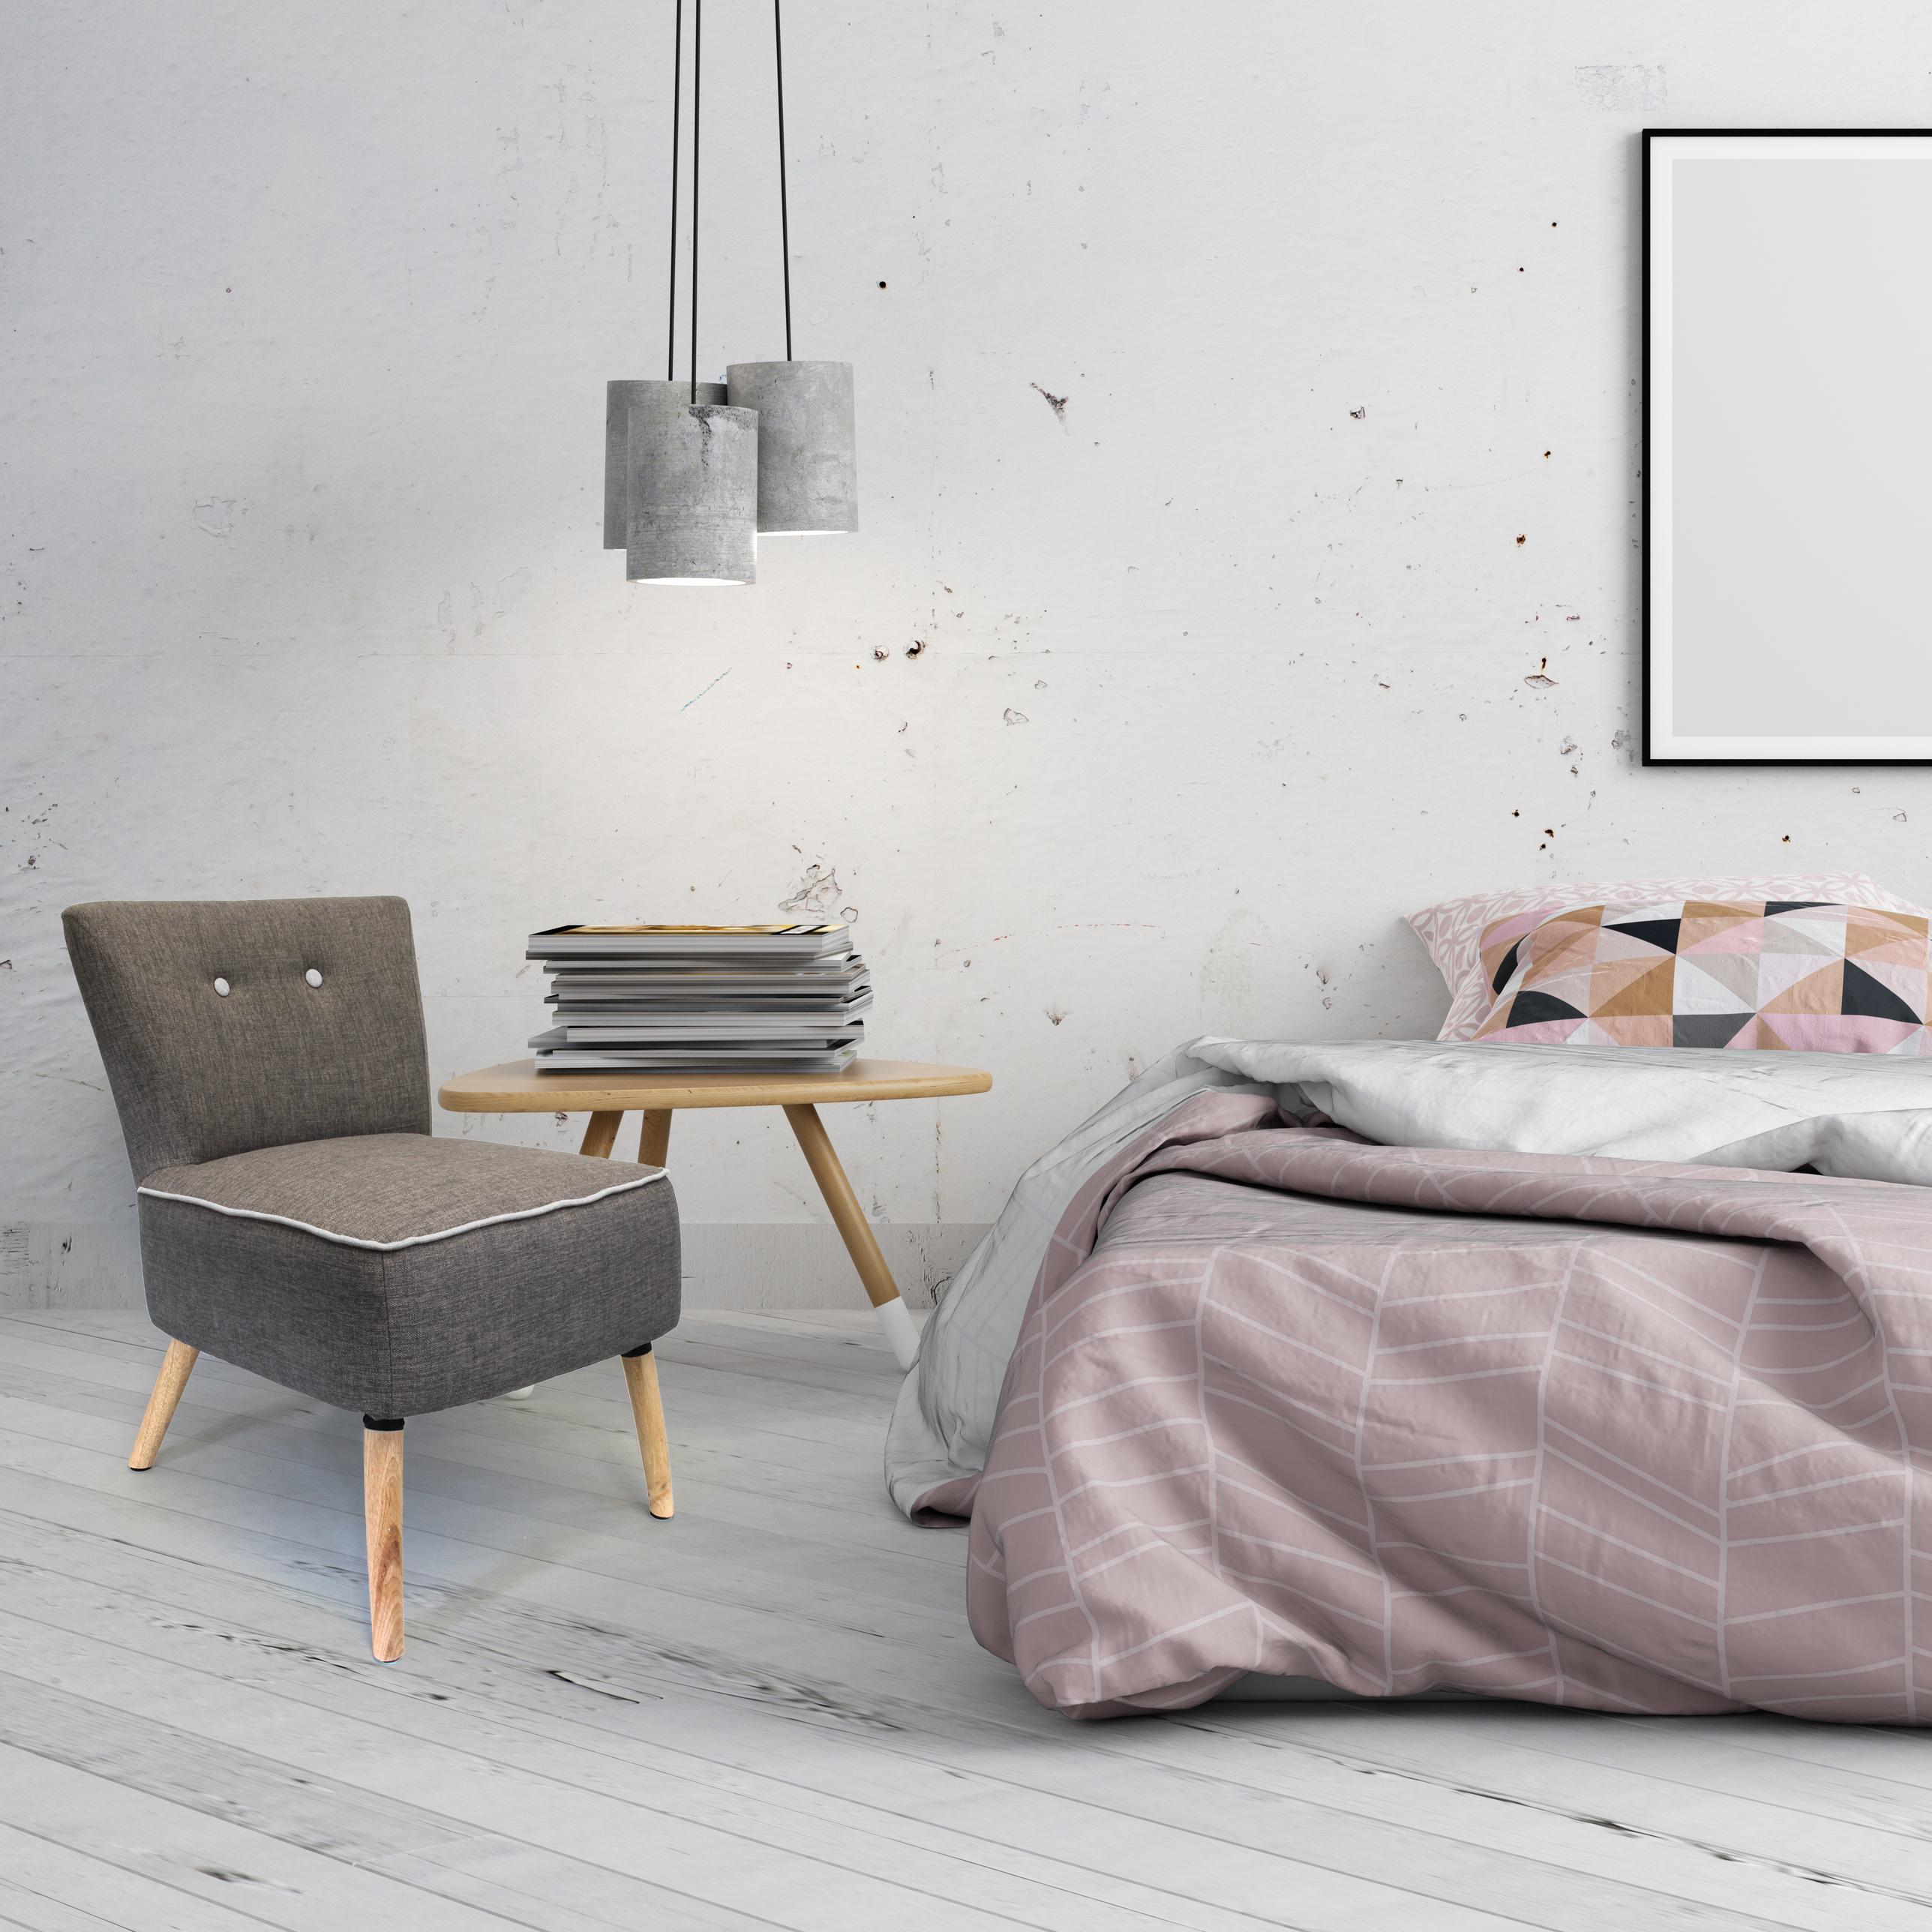 fauteuil vintage gris